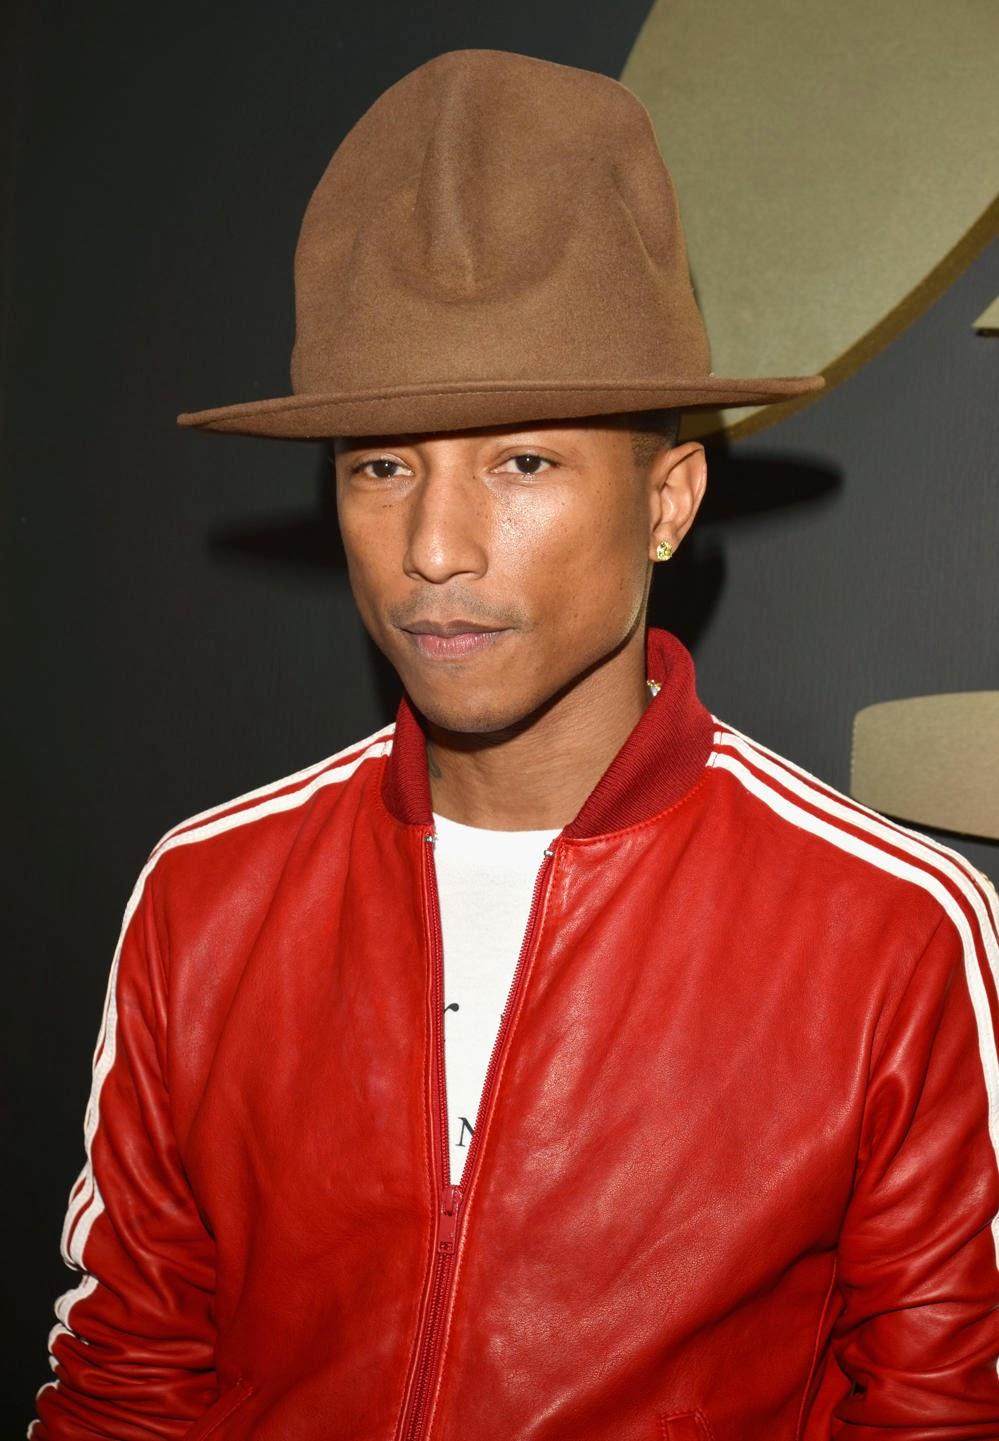 Pharrell in vintage 1982 Vivienne Westwood hat